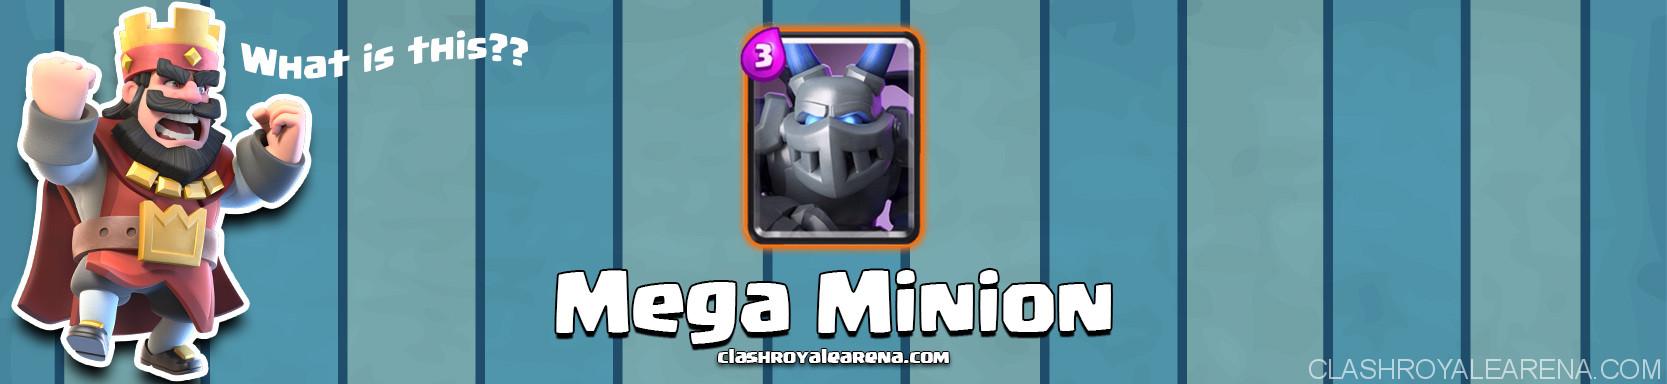 Mega Minion